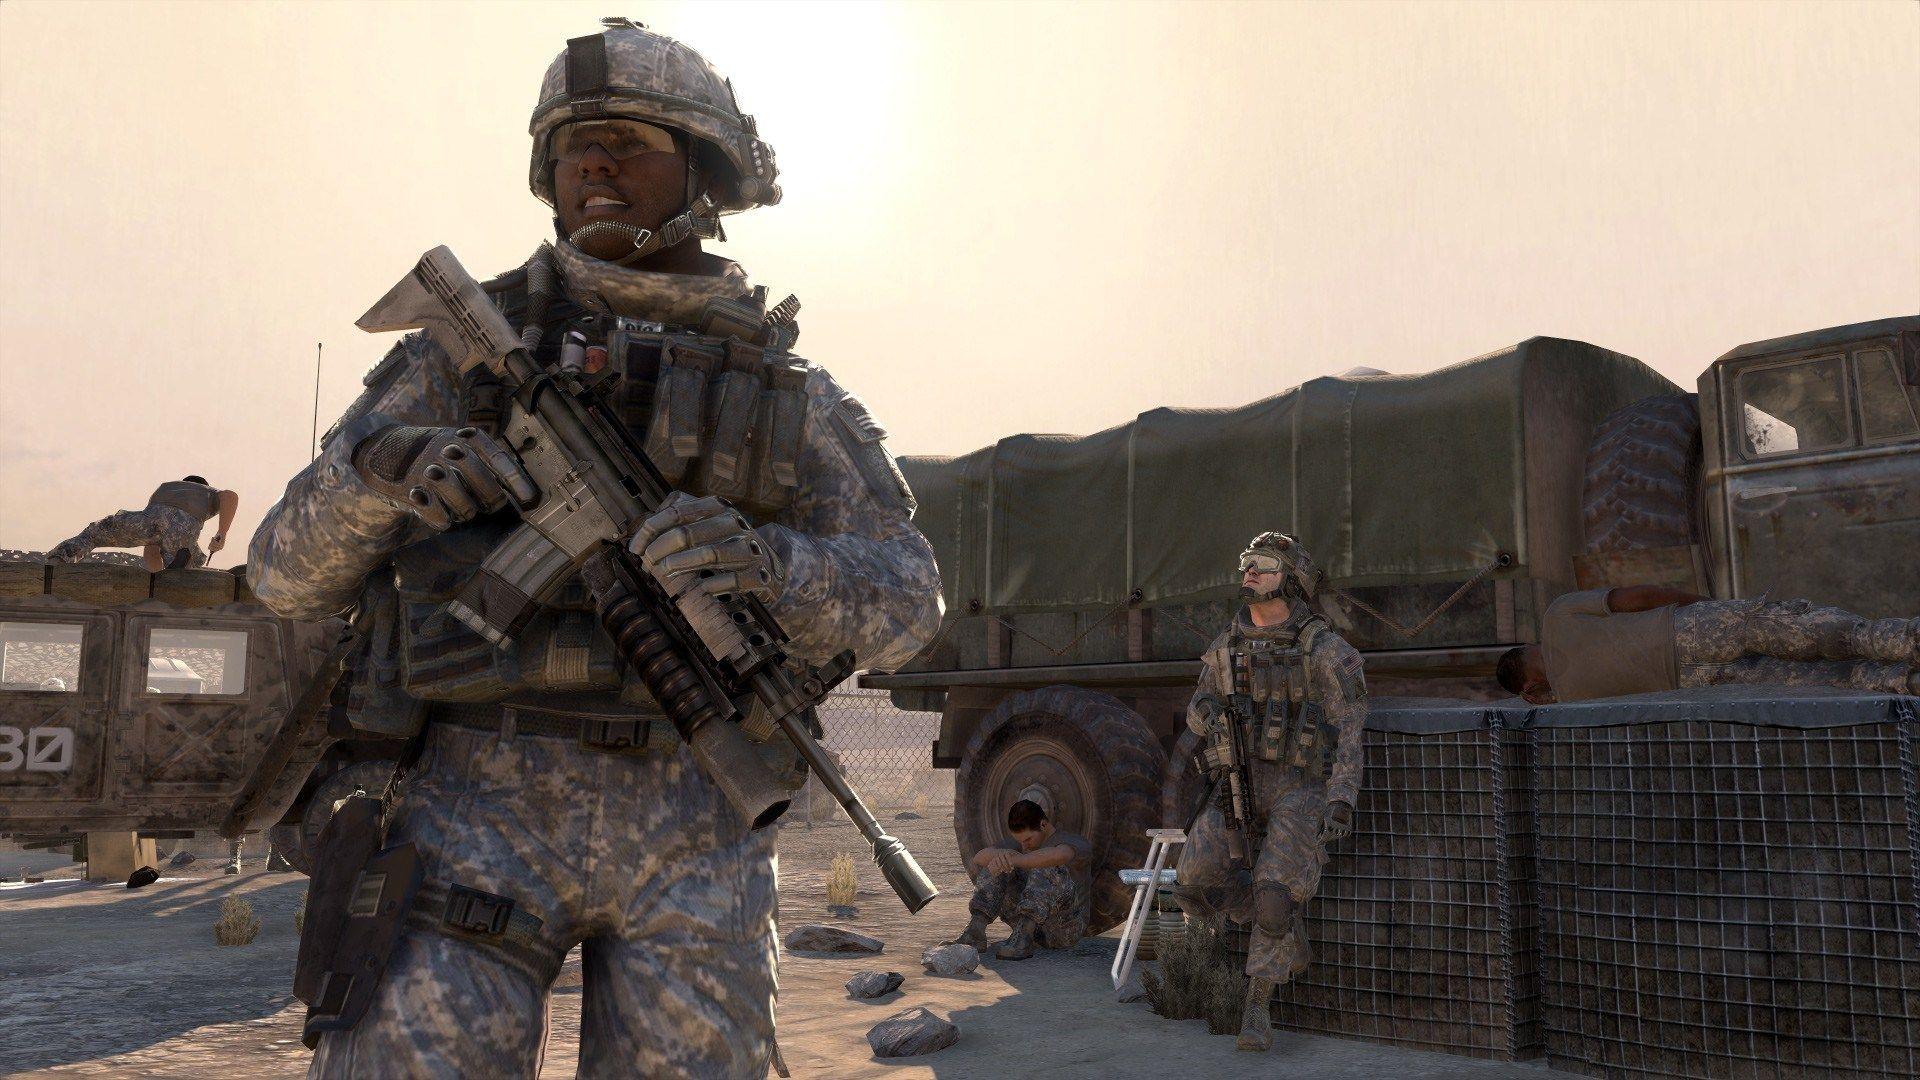 Desktop Backgrounds Call Of Duty Modern Warfare 2 Picture Call Of Duty Modern Warfare 2 Category Modern Warfare Call Of Duty Warfare